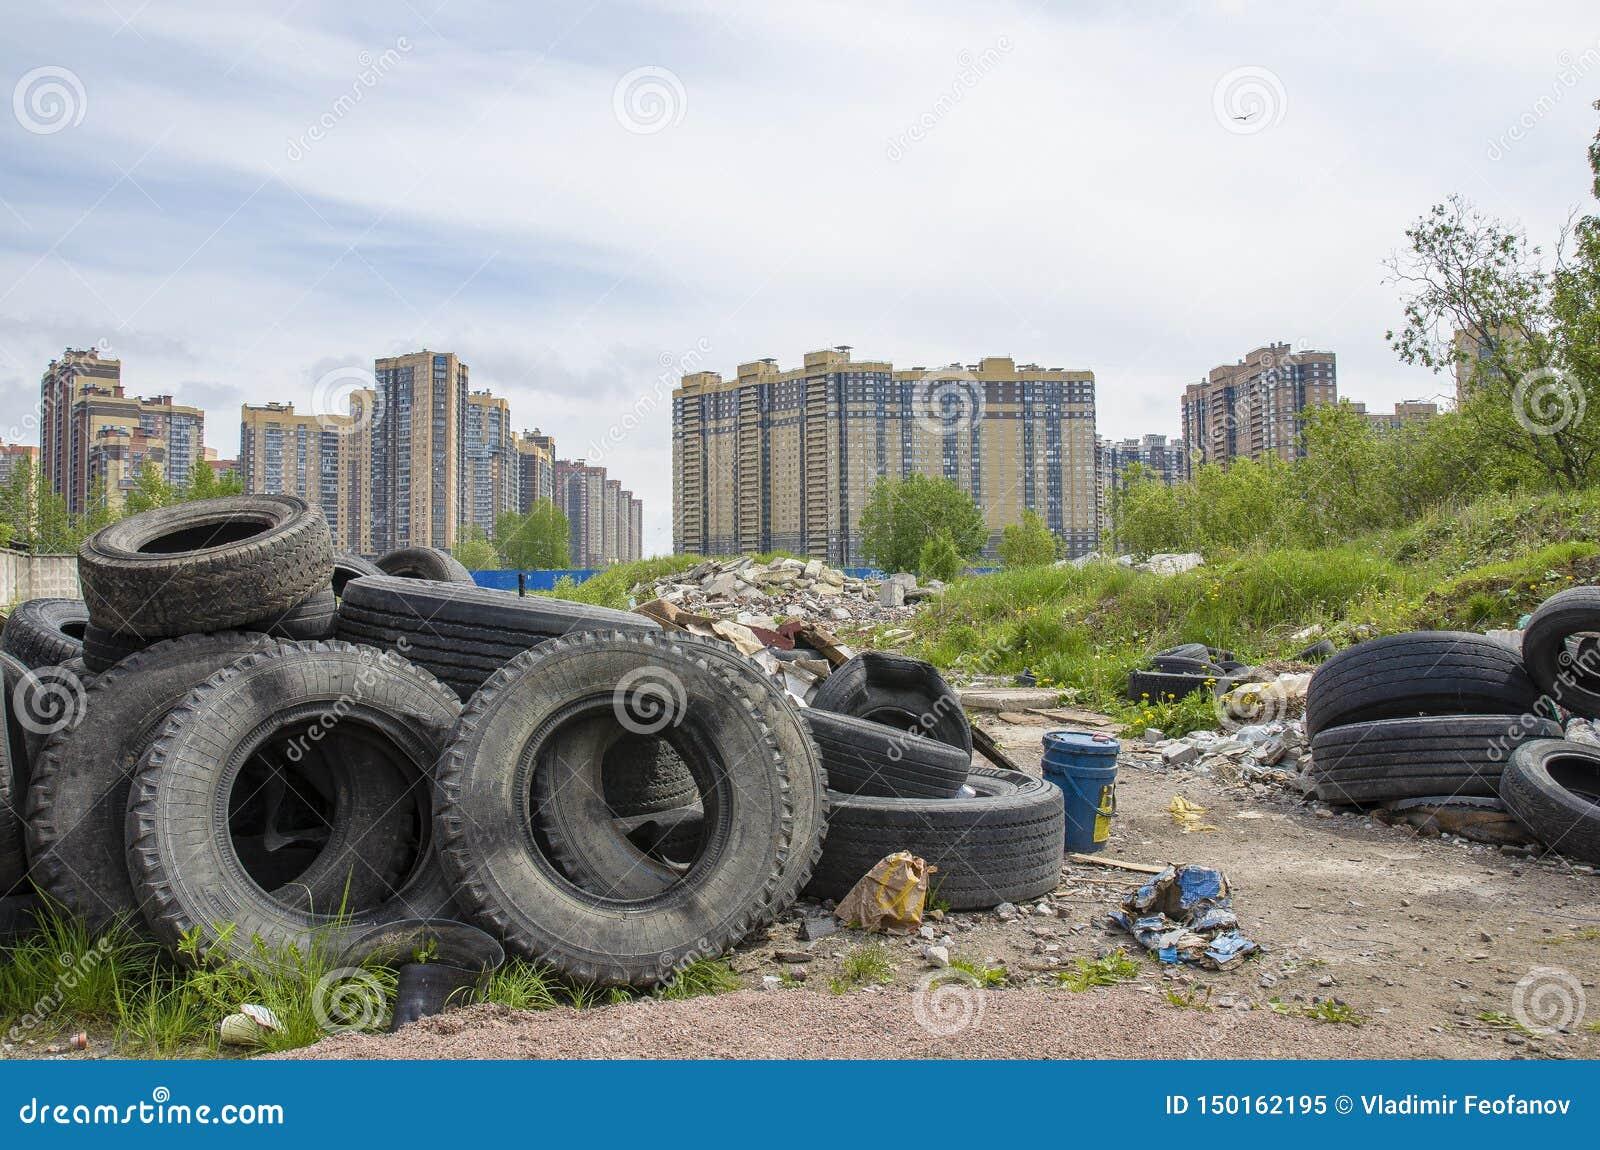 Probleem van stortplaats, het probleem van milieuvervuiling en afvalverwerking in grote steden huisvuil in woonwijken